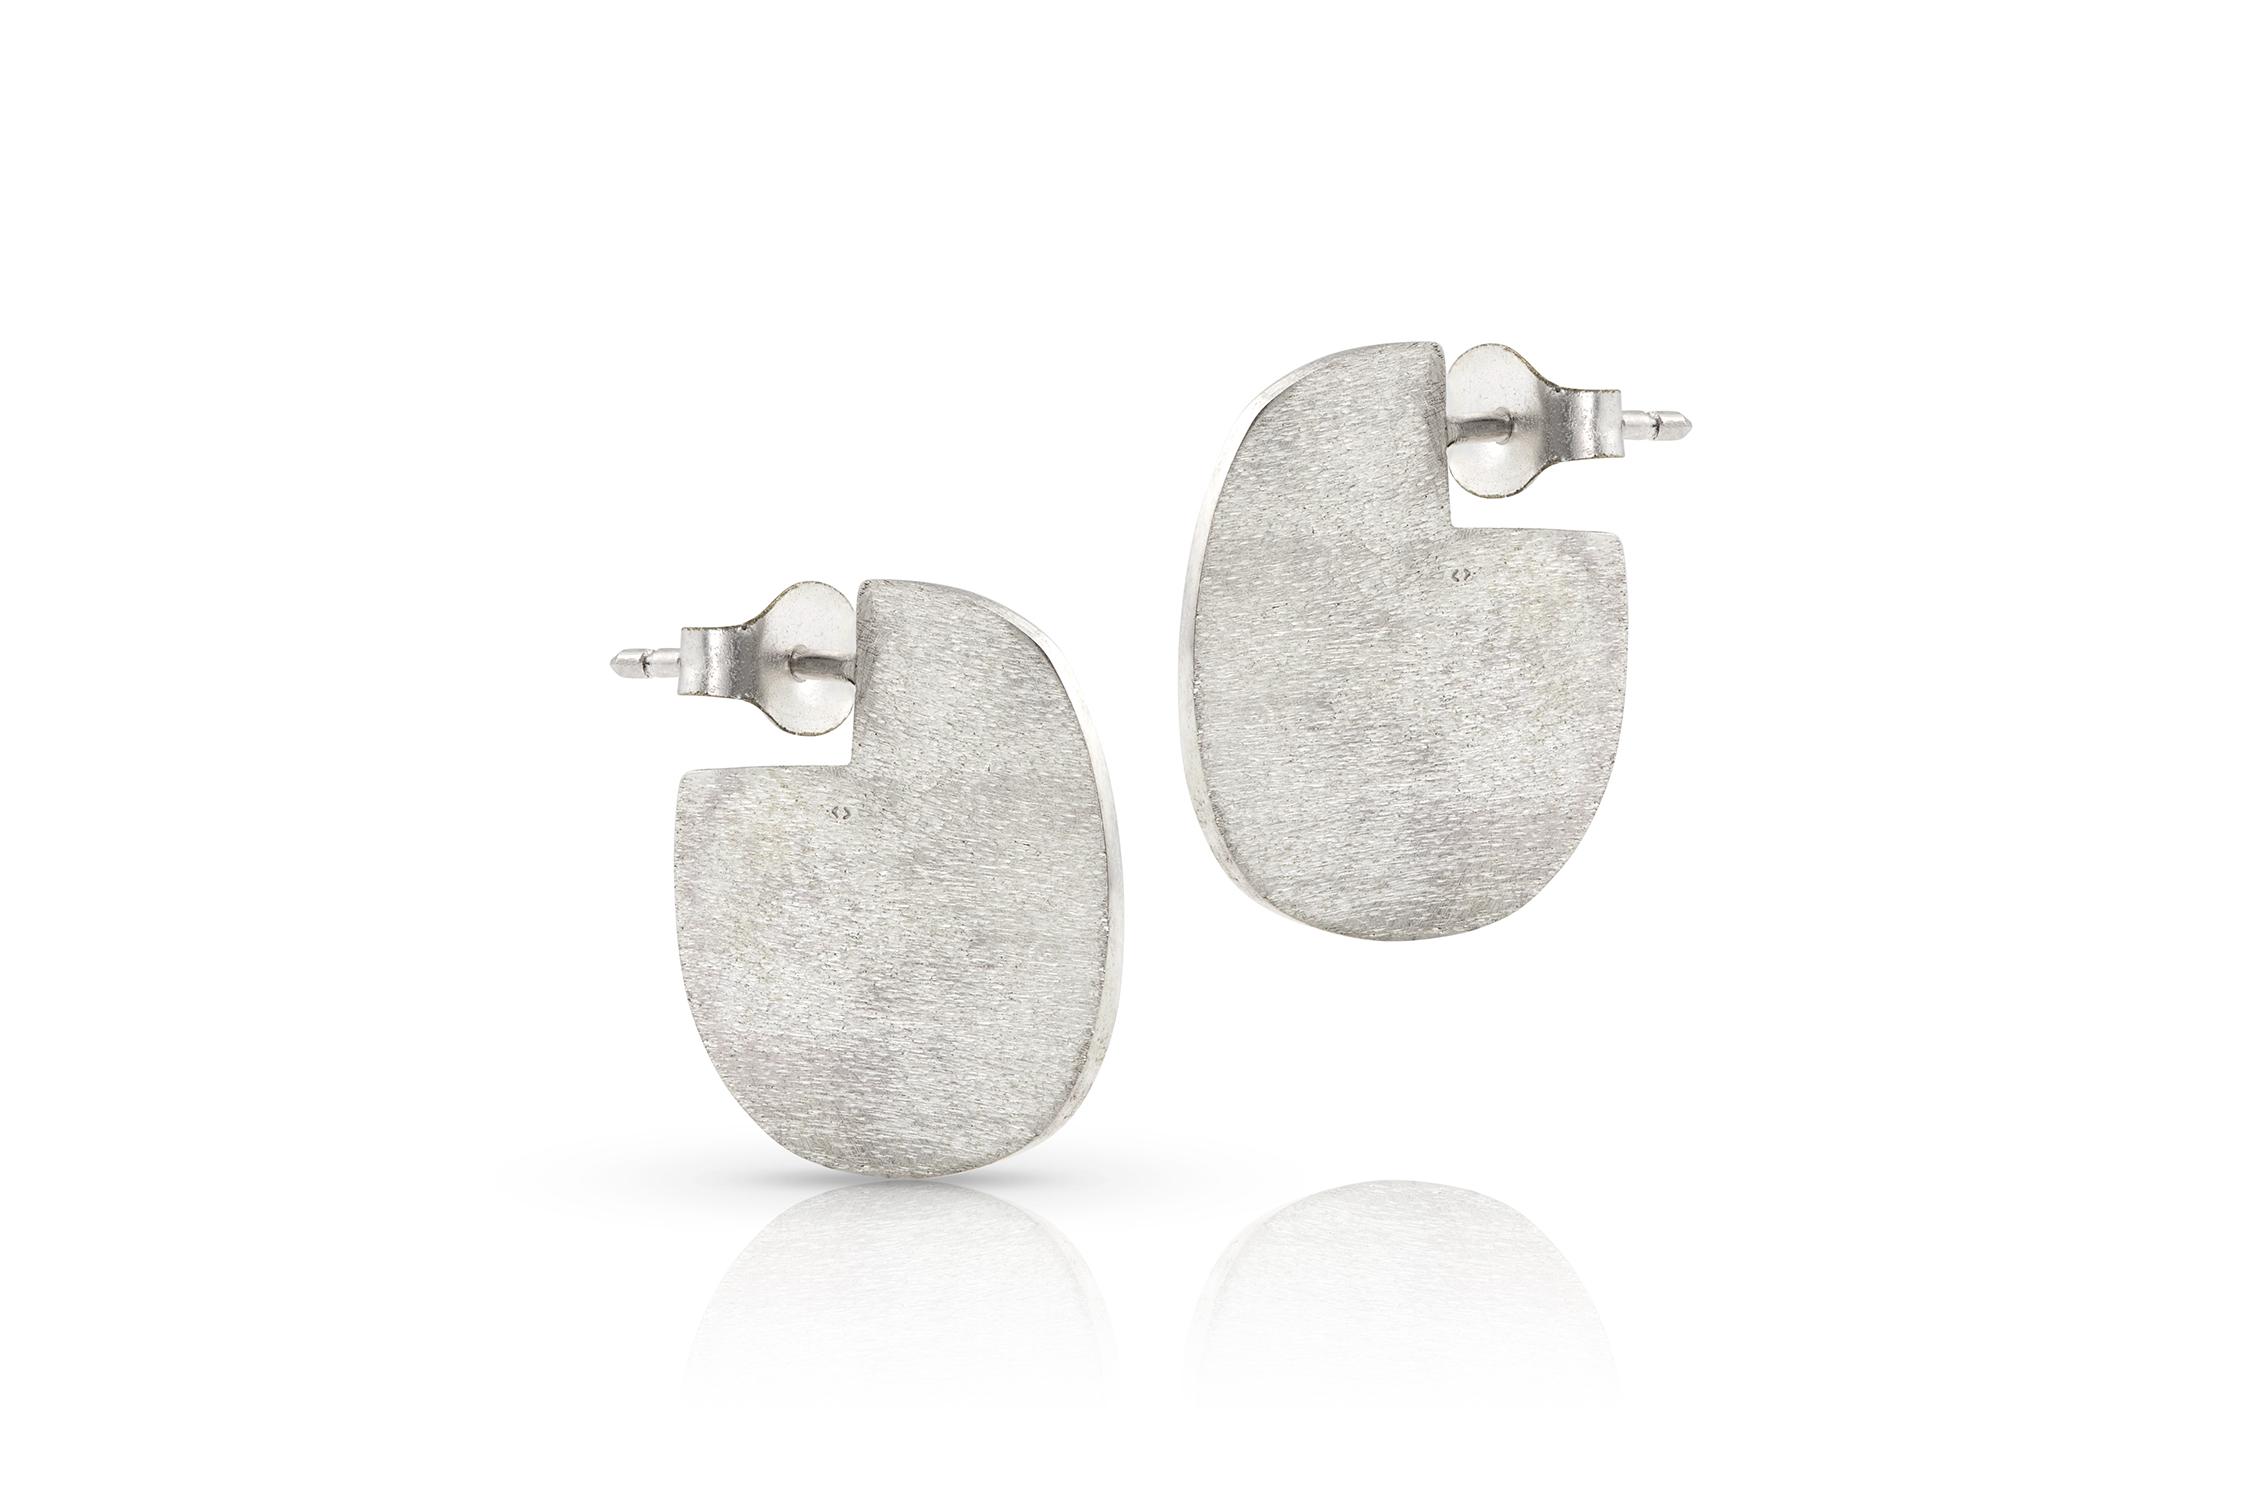 Earrings by Enji Studio Jewelry